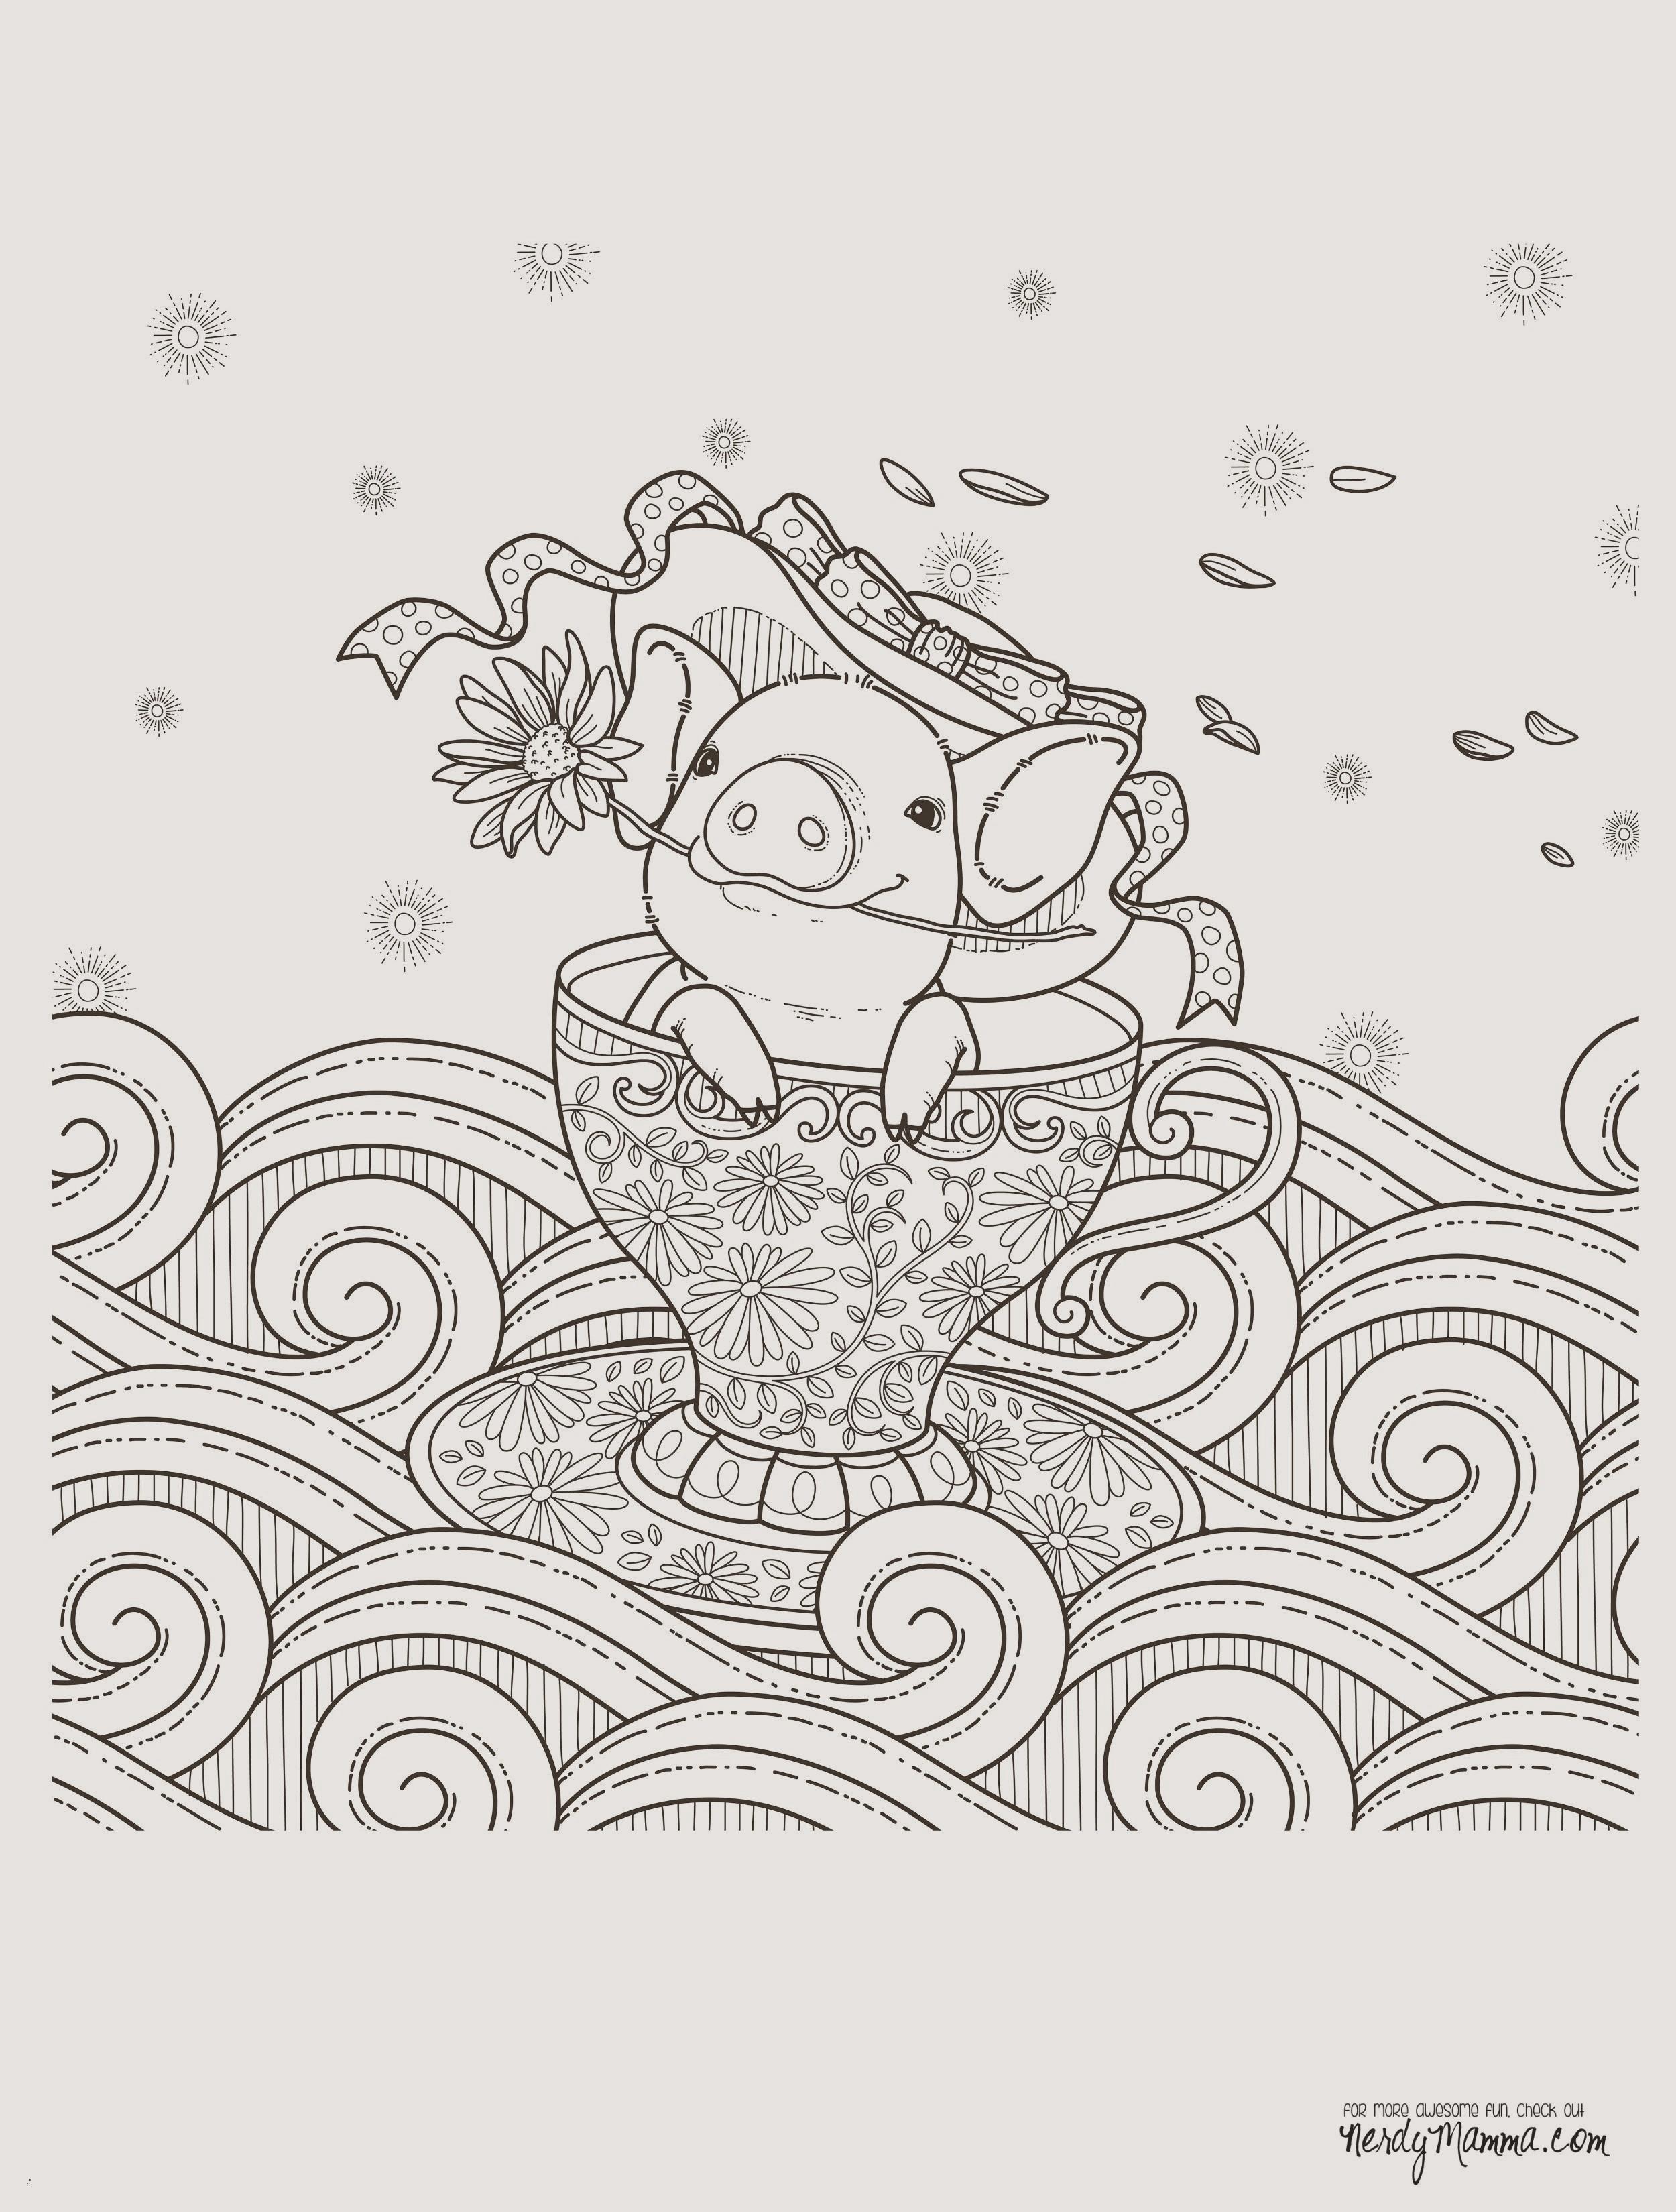 Ausmalbilder Weihnachten Einfach Genial Ausmalbilder Muttertag Ausdrucken 14 Muttertag Bilder Zum Bild